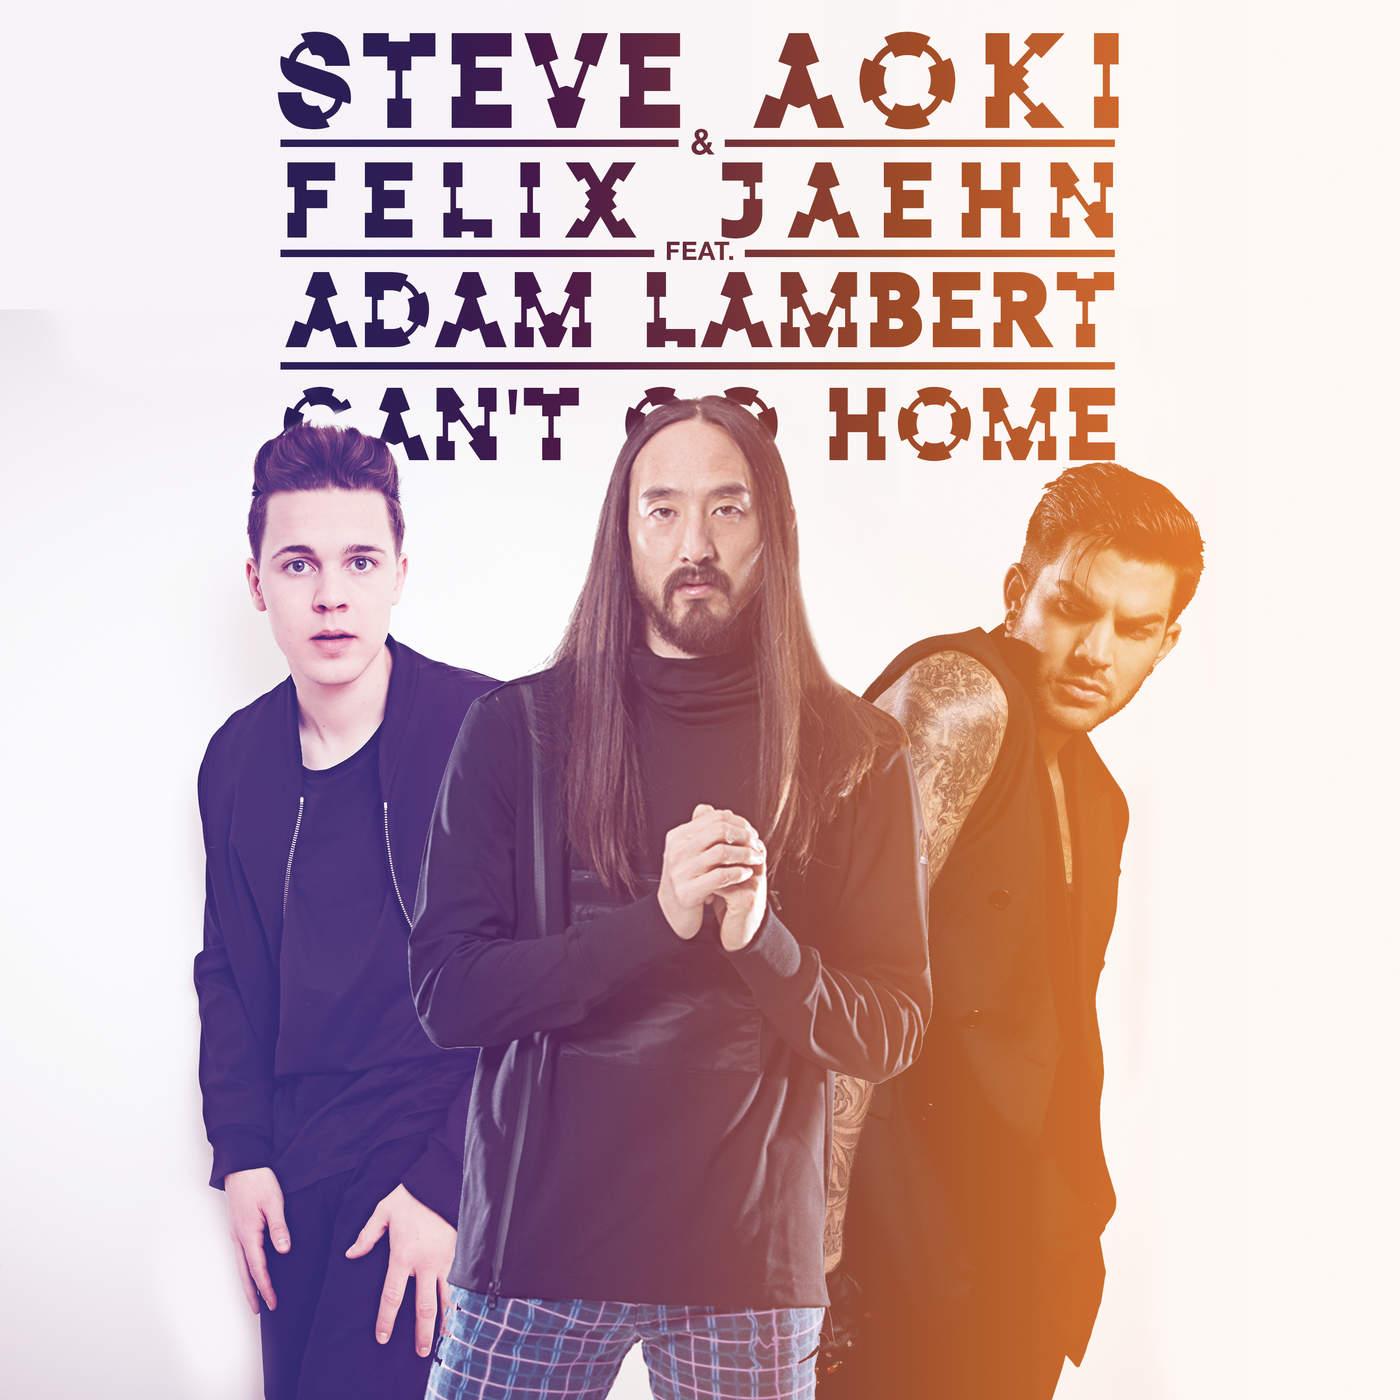 Steve Aoki & Felix Jaehn - Can't Go Home (feat. Adam Lambert) [Radio Edit] - Single Cover